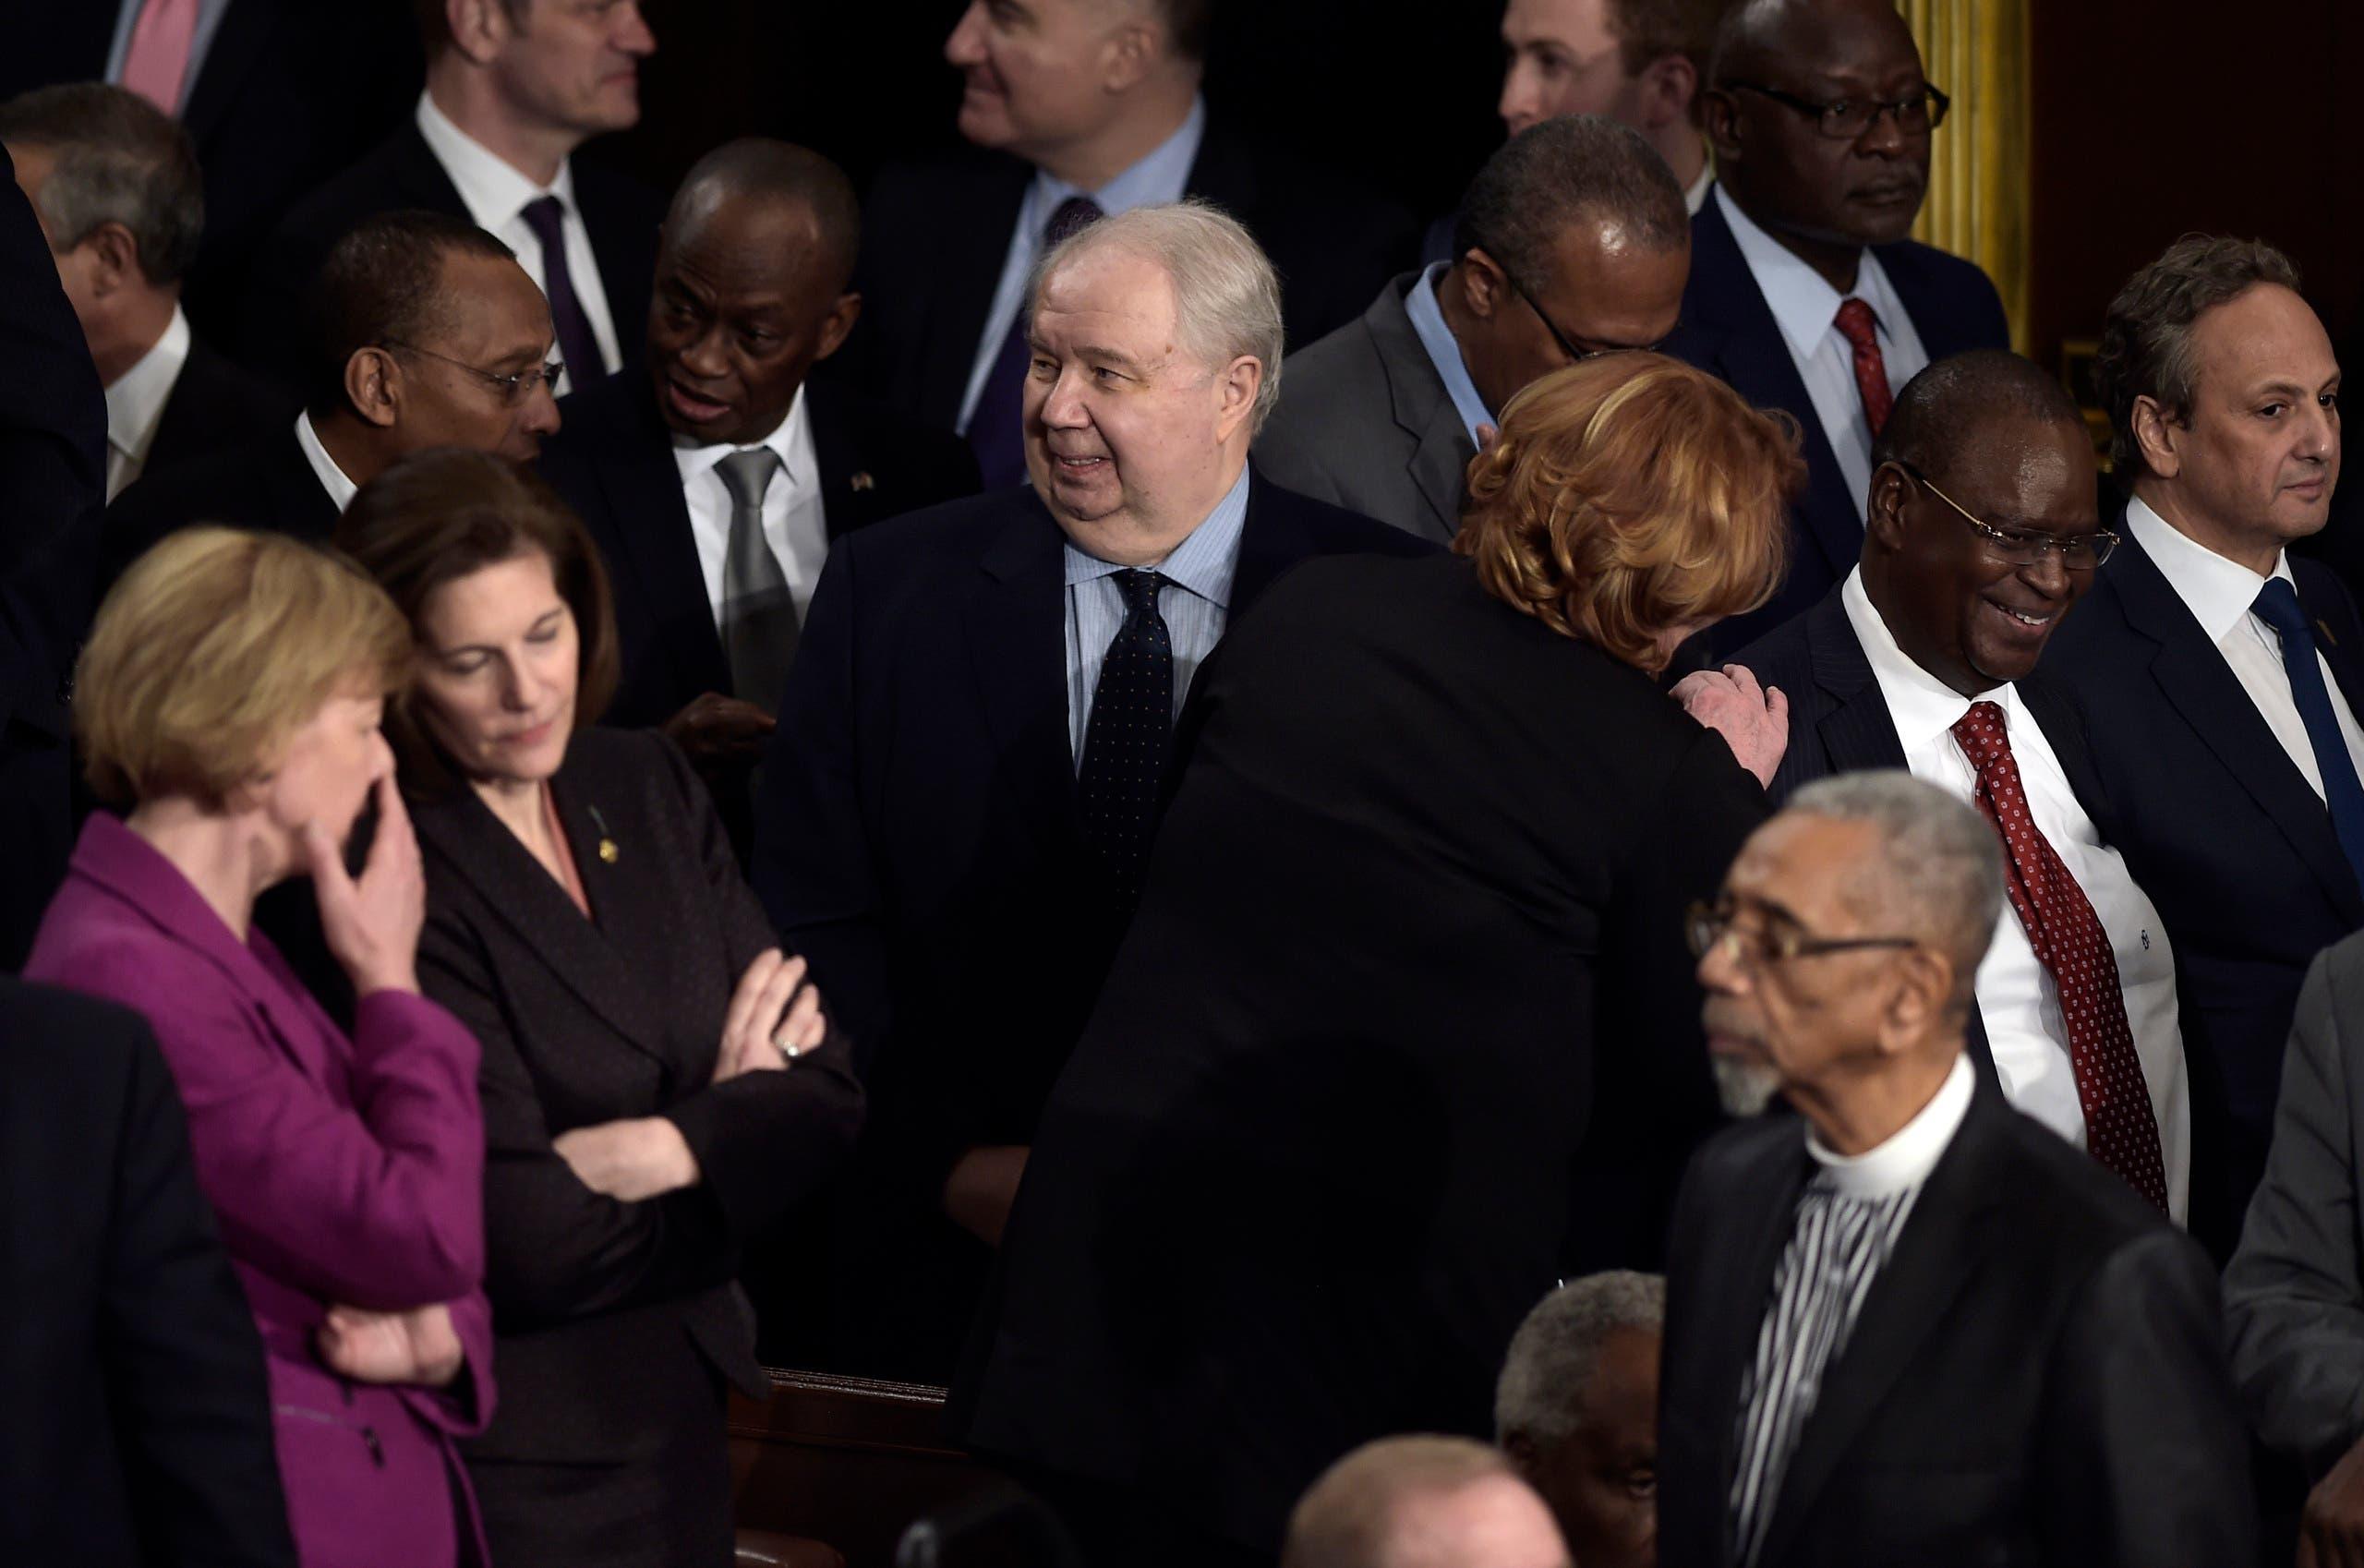 السفير الروسي سيرغي كيسلياك يستمع لخطاب ترمب أمام الكونغرس